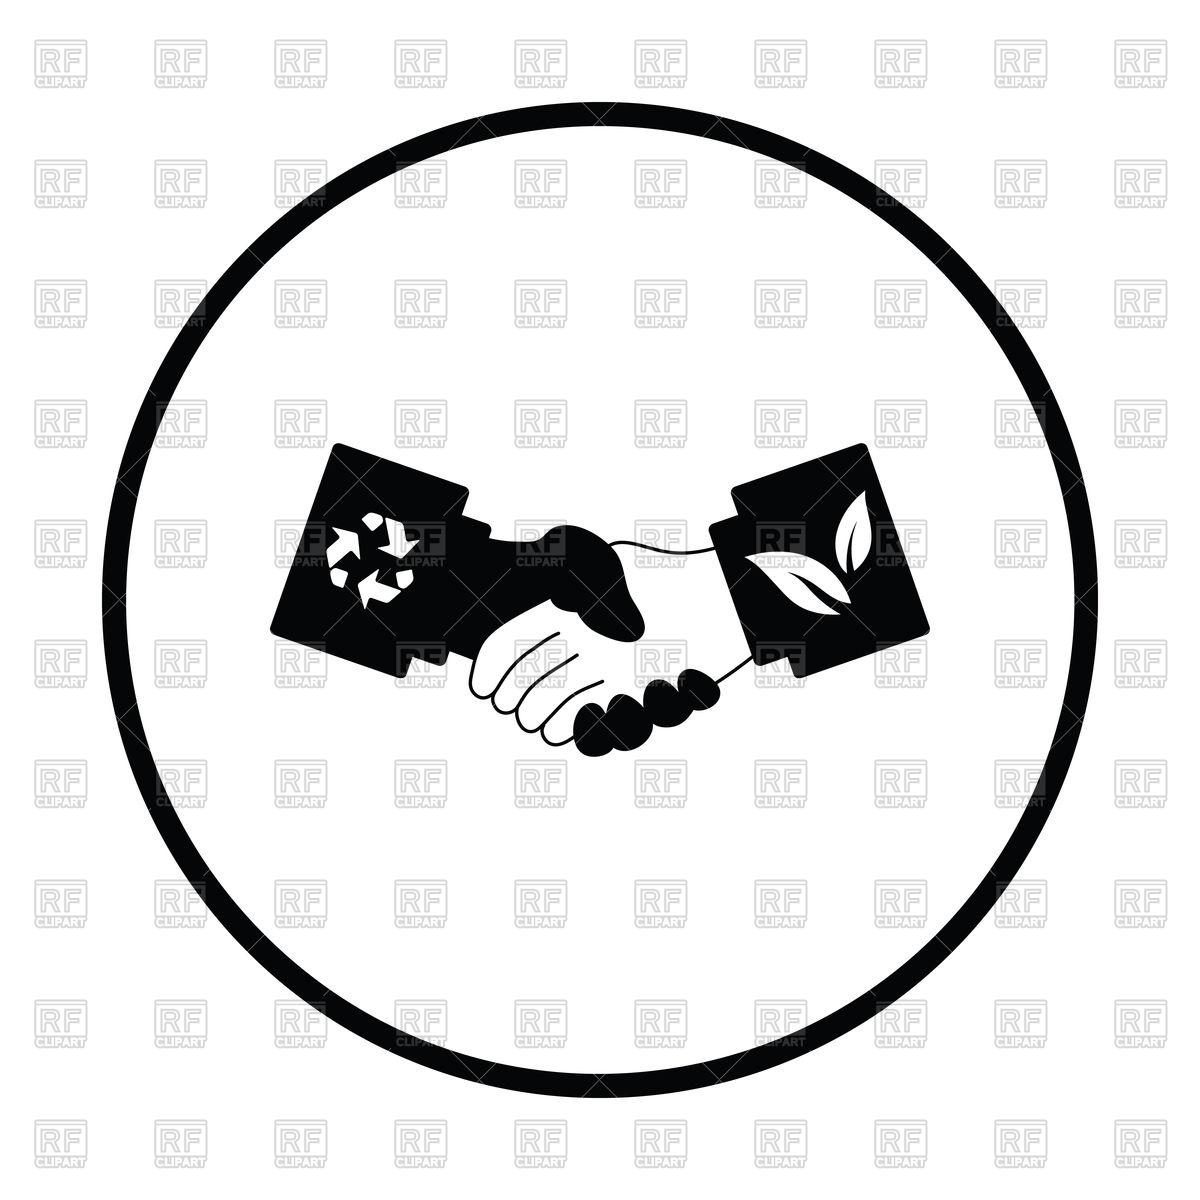 1200x1200 Business Handshake